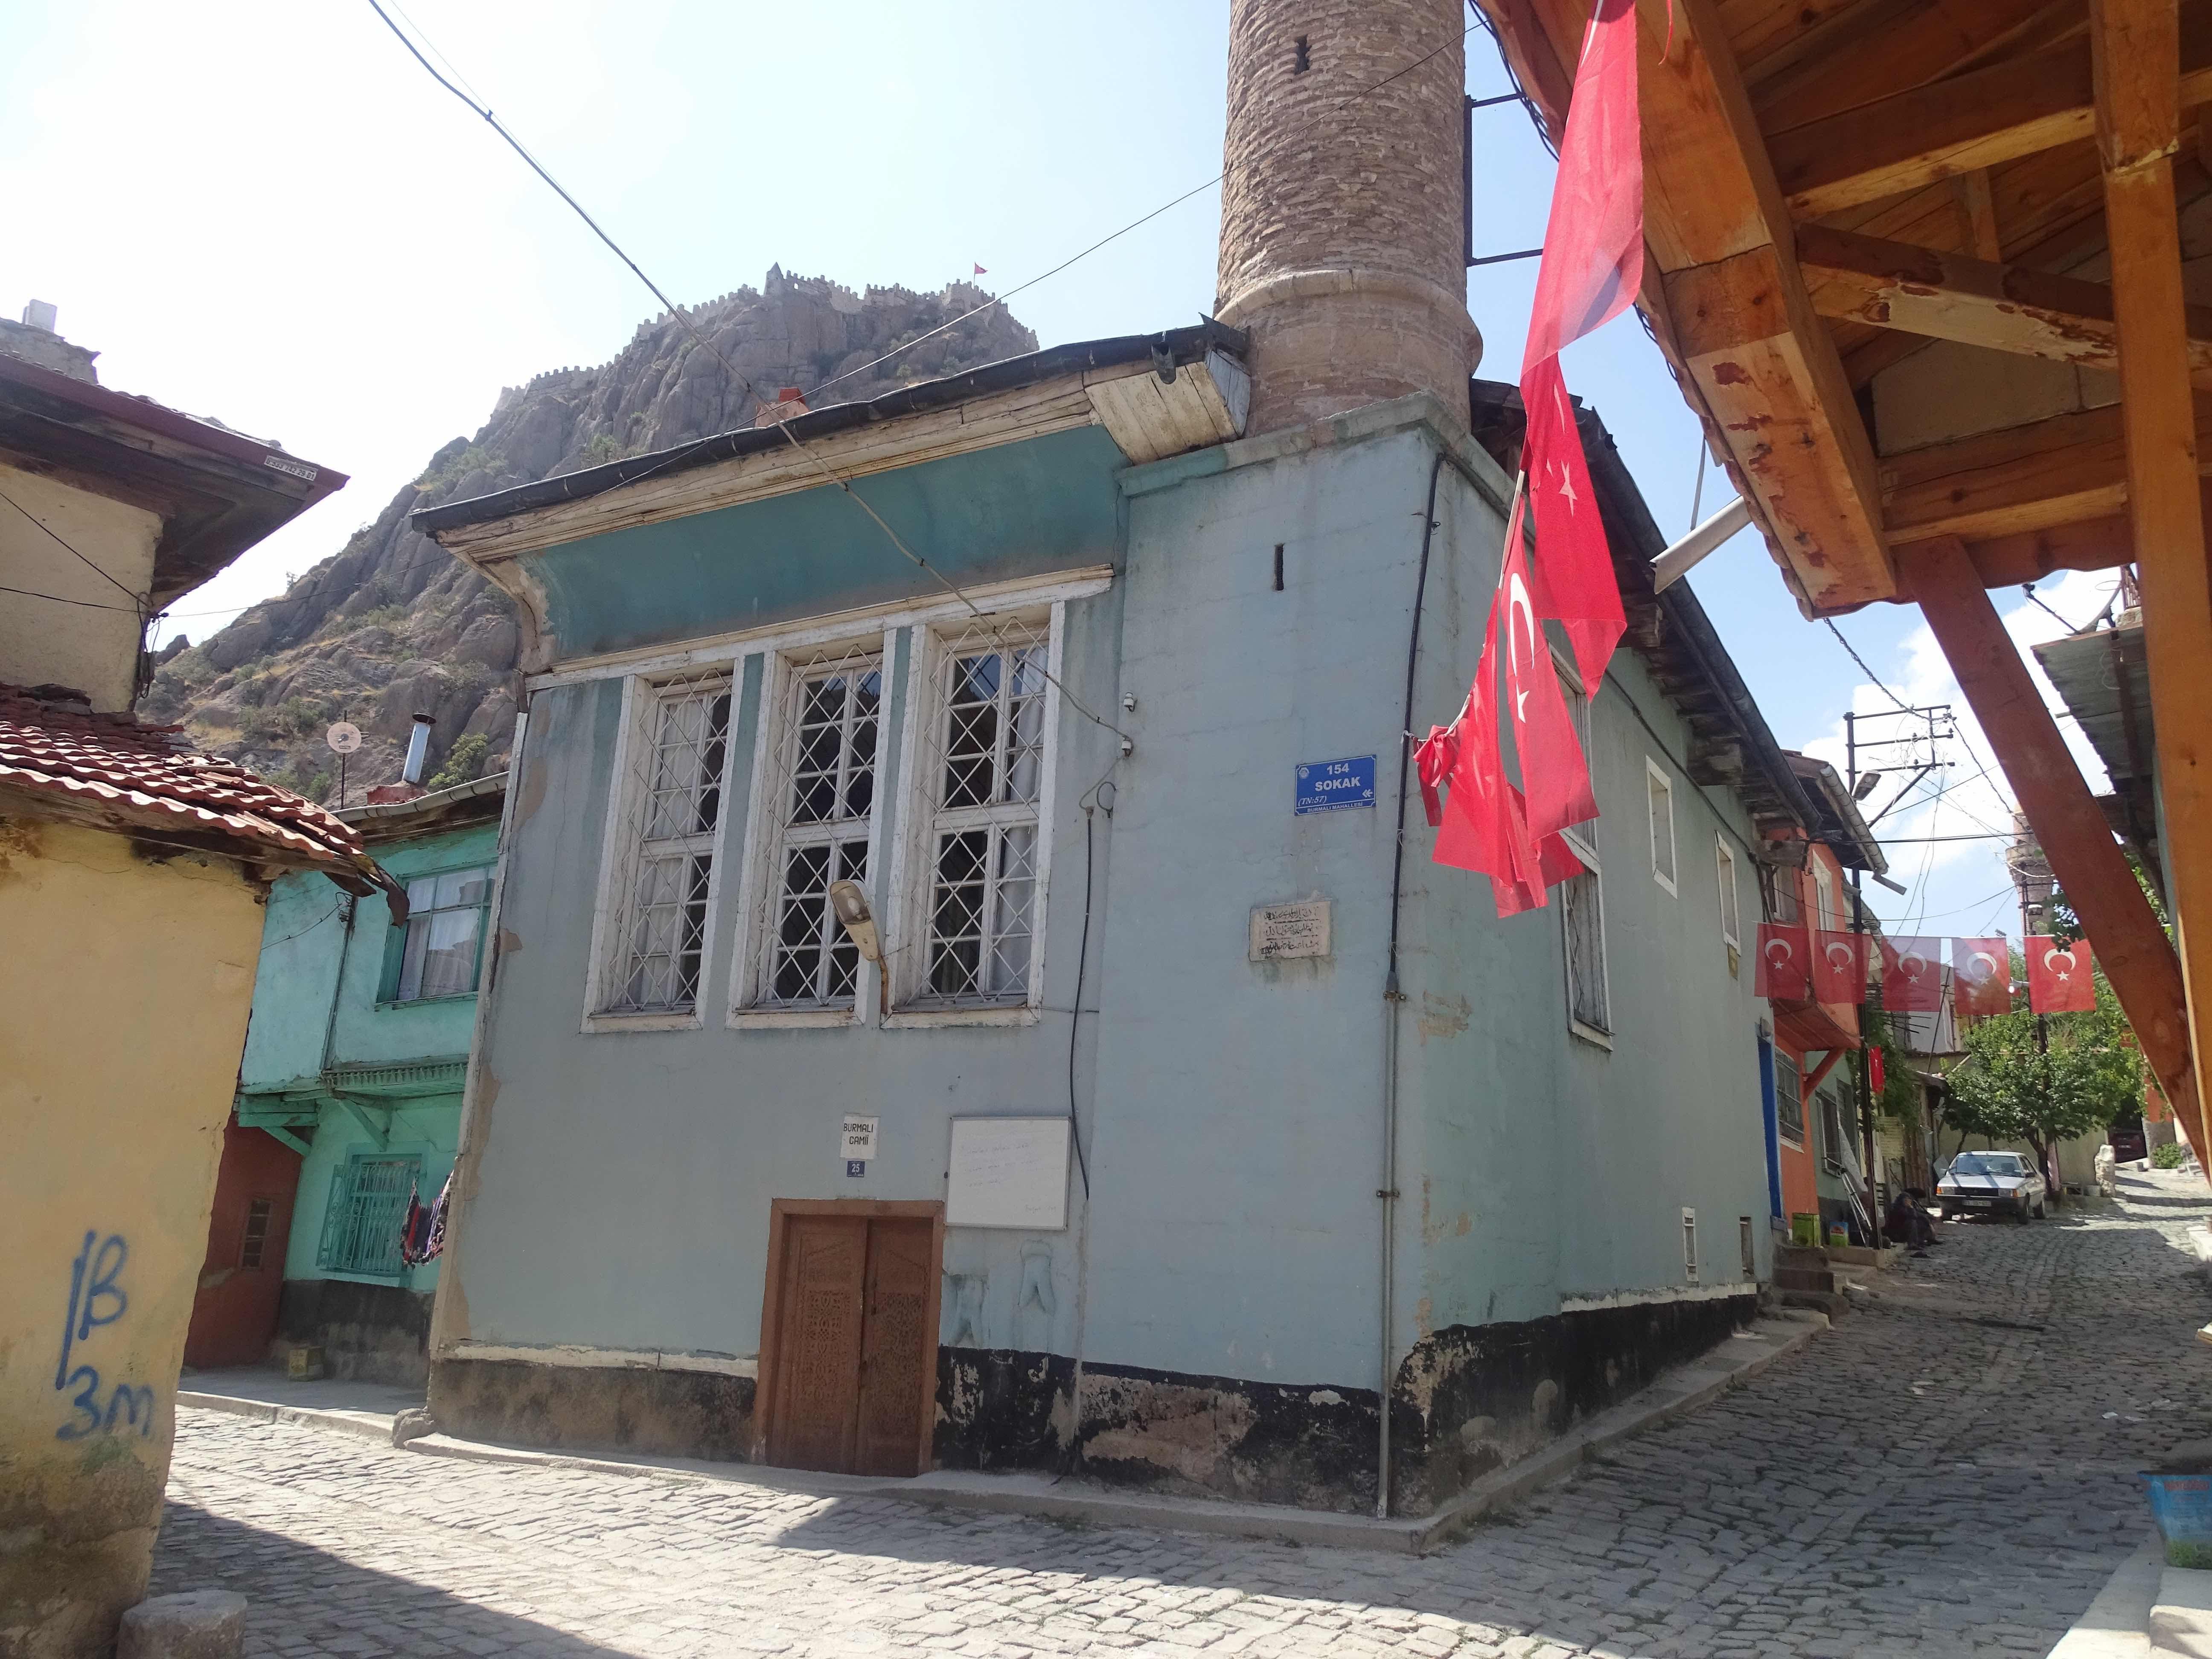 Burmalı camii